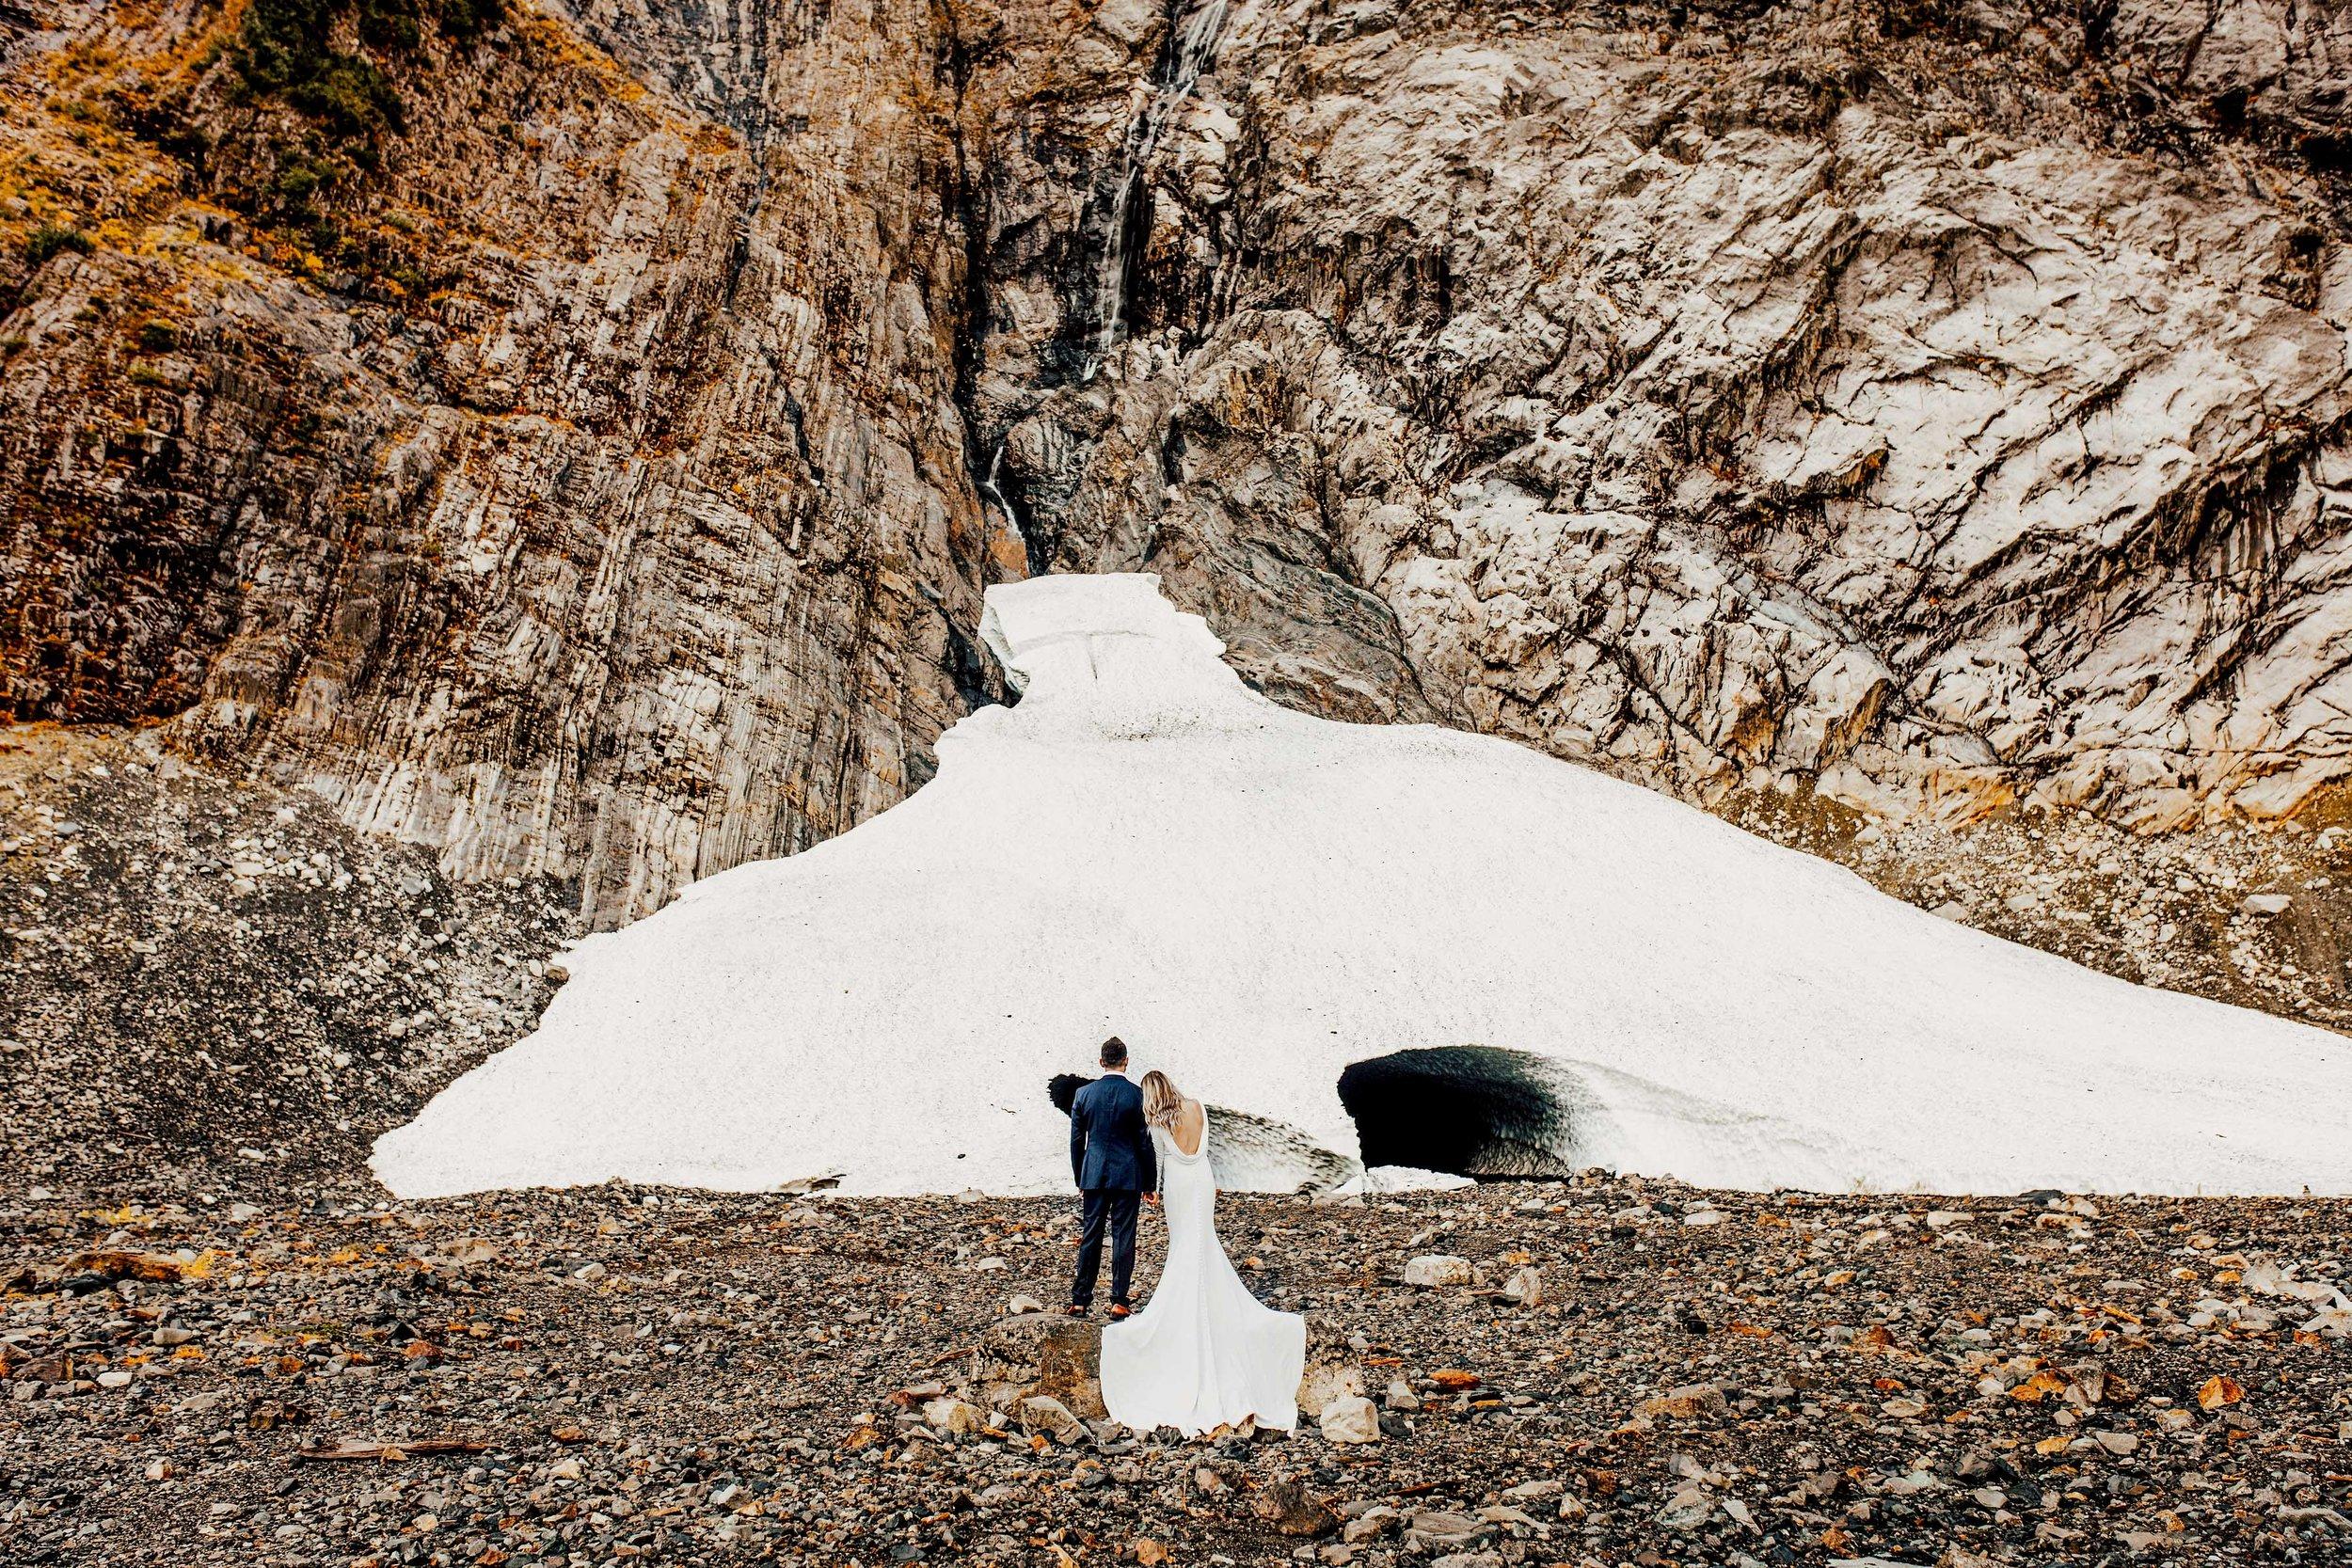 granitefallsicecave_pnw_elopement_wedding_destinationwedding-1.jpg